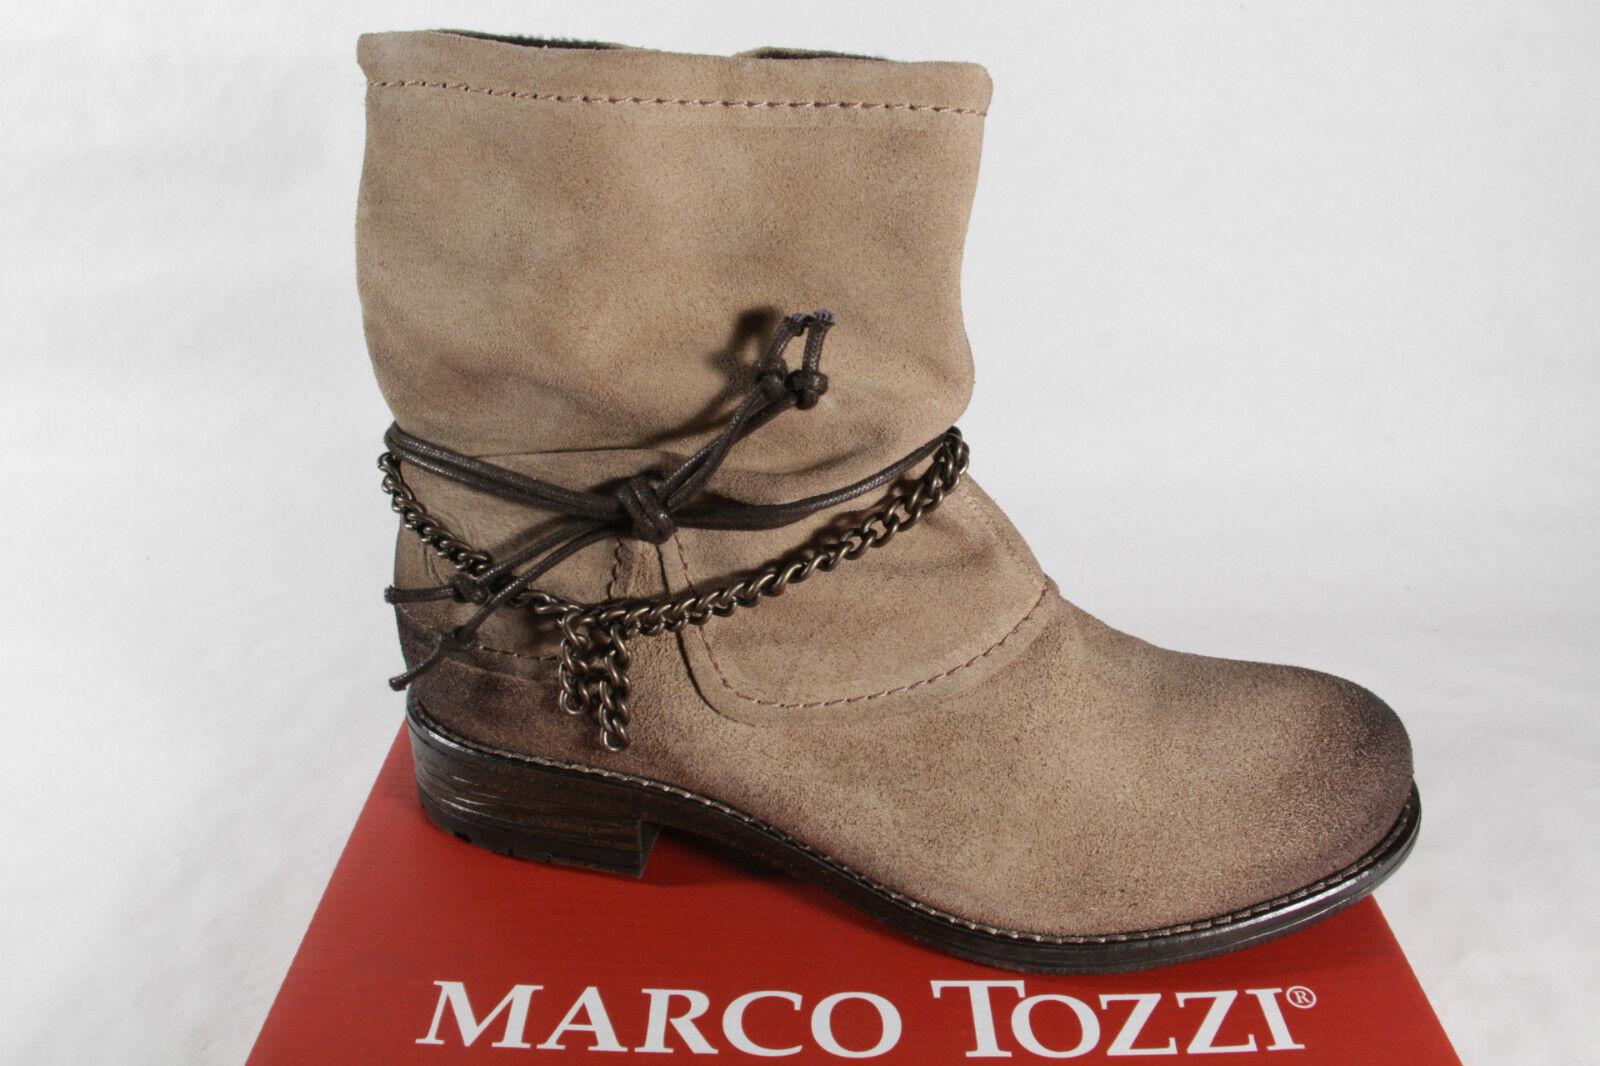 Marco Tozzi Damen Stiefel Stiefeletten Boots Winterstiefel beige Leder 25456 NEU